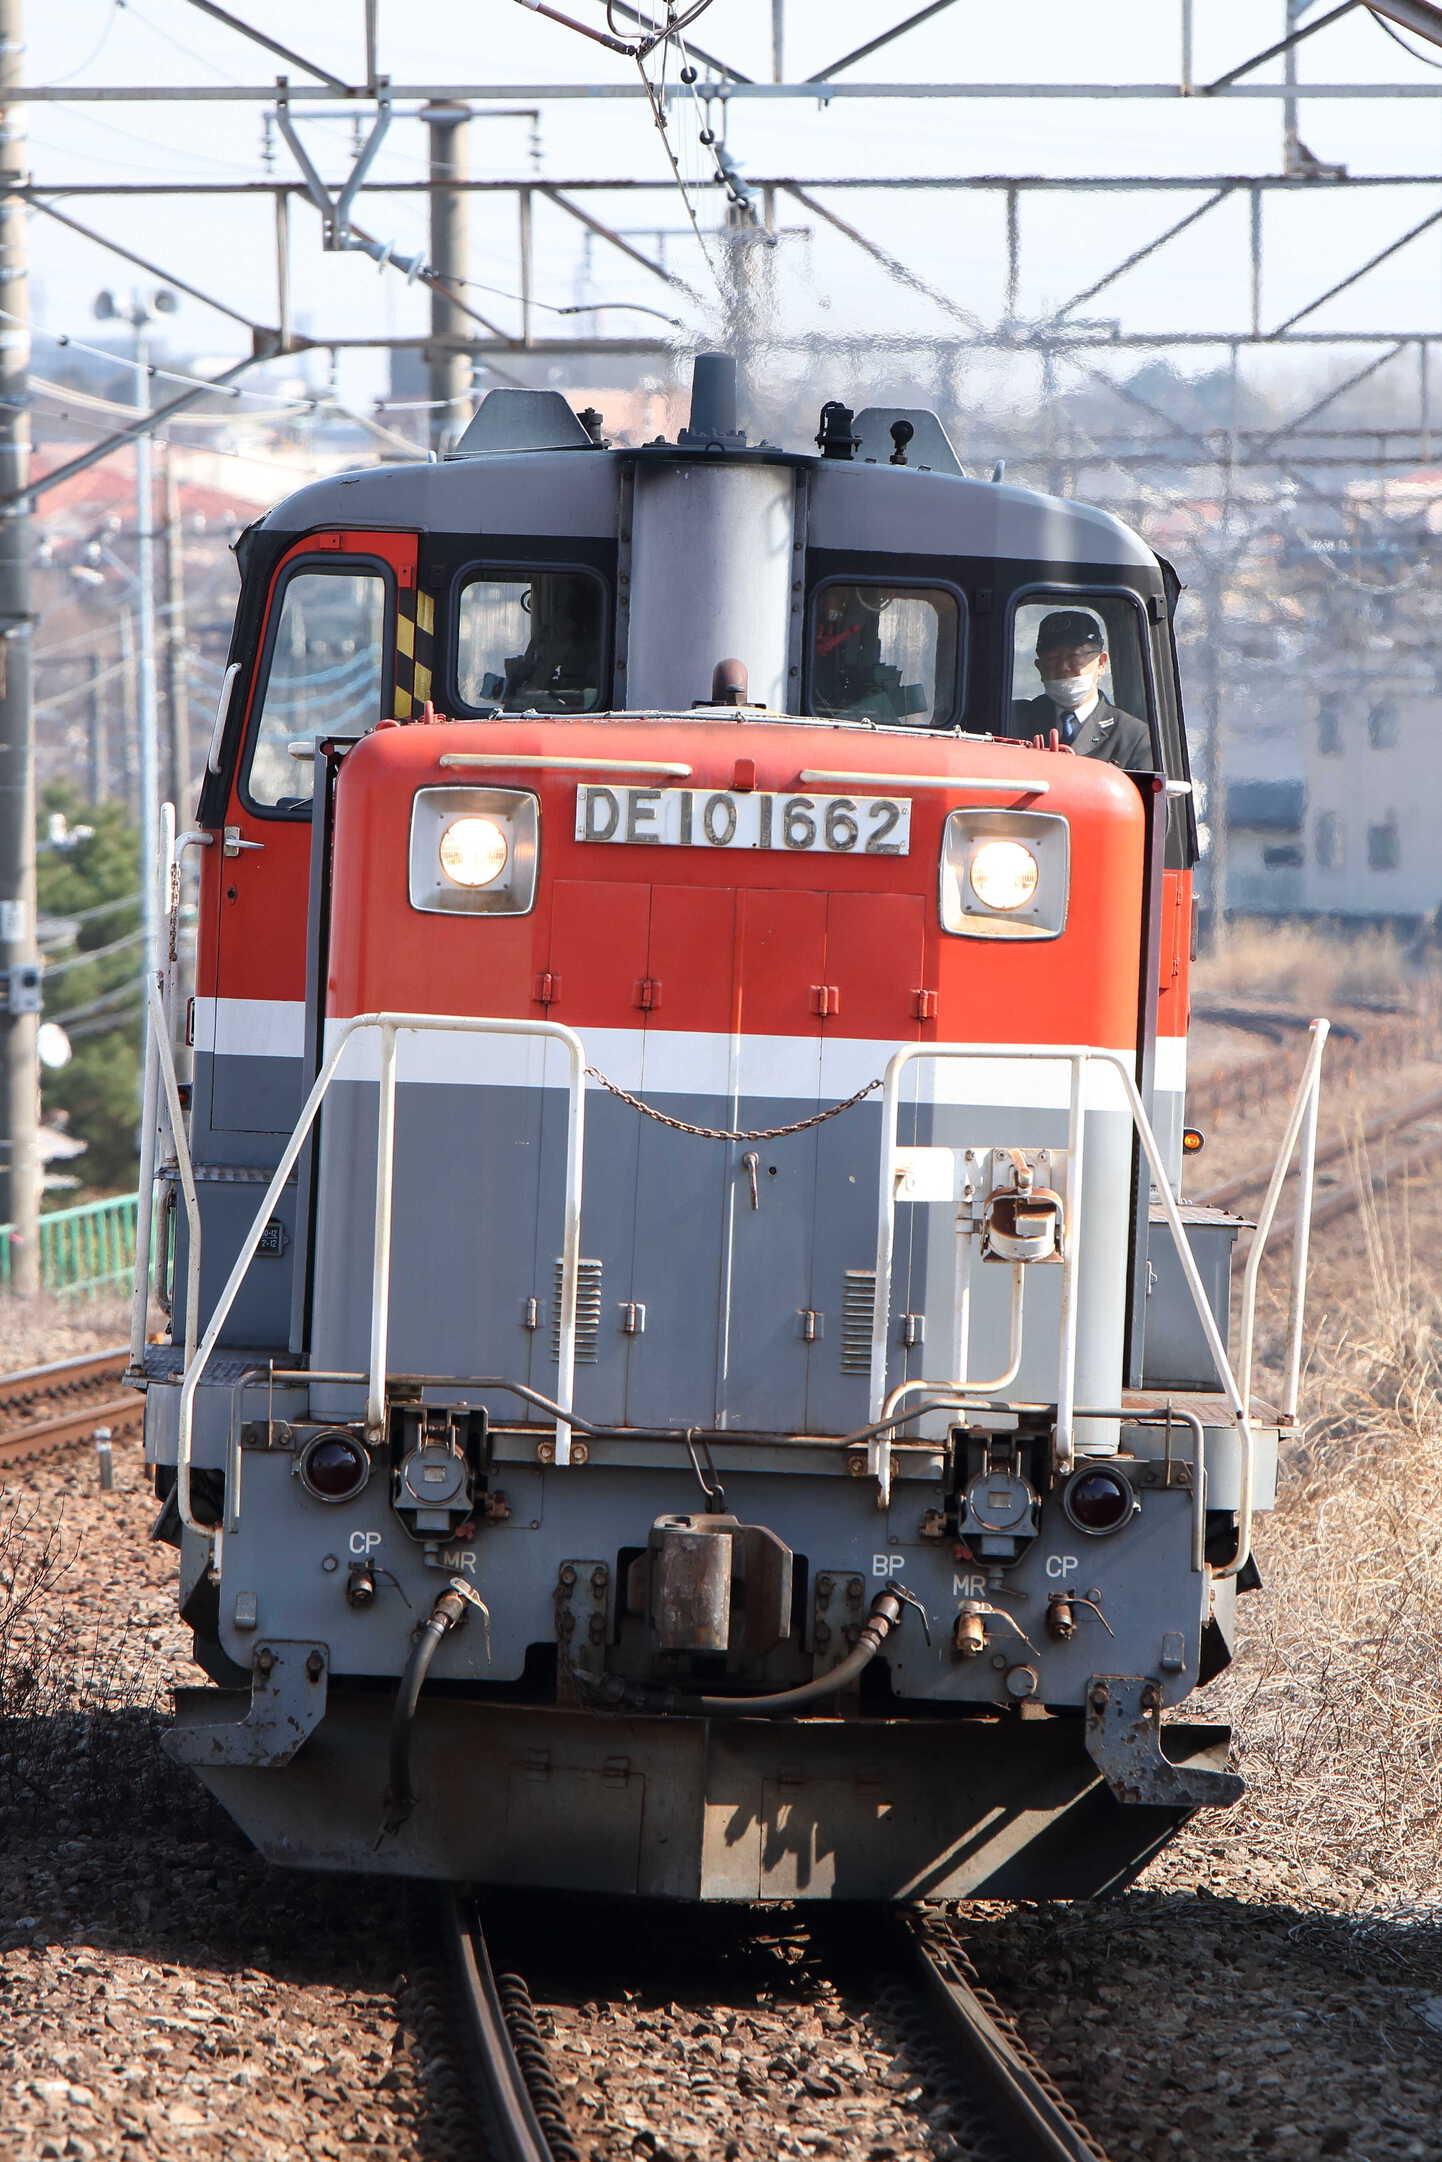 単9891列車 甲種輸送牽引機返却 DE10-1662[新]